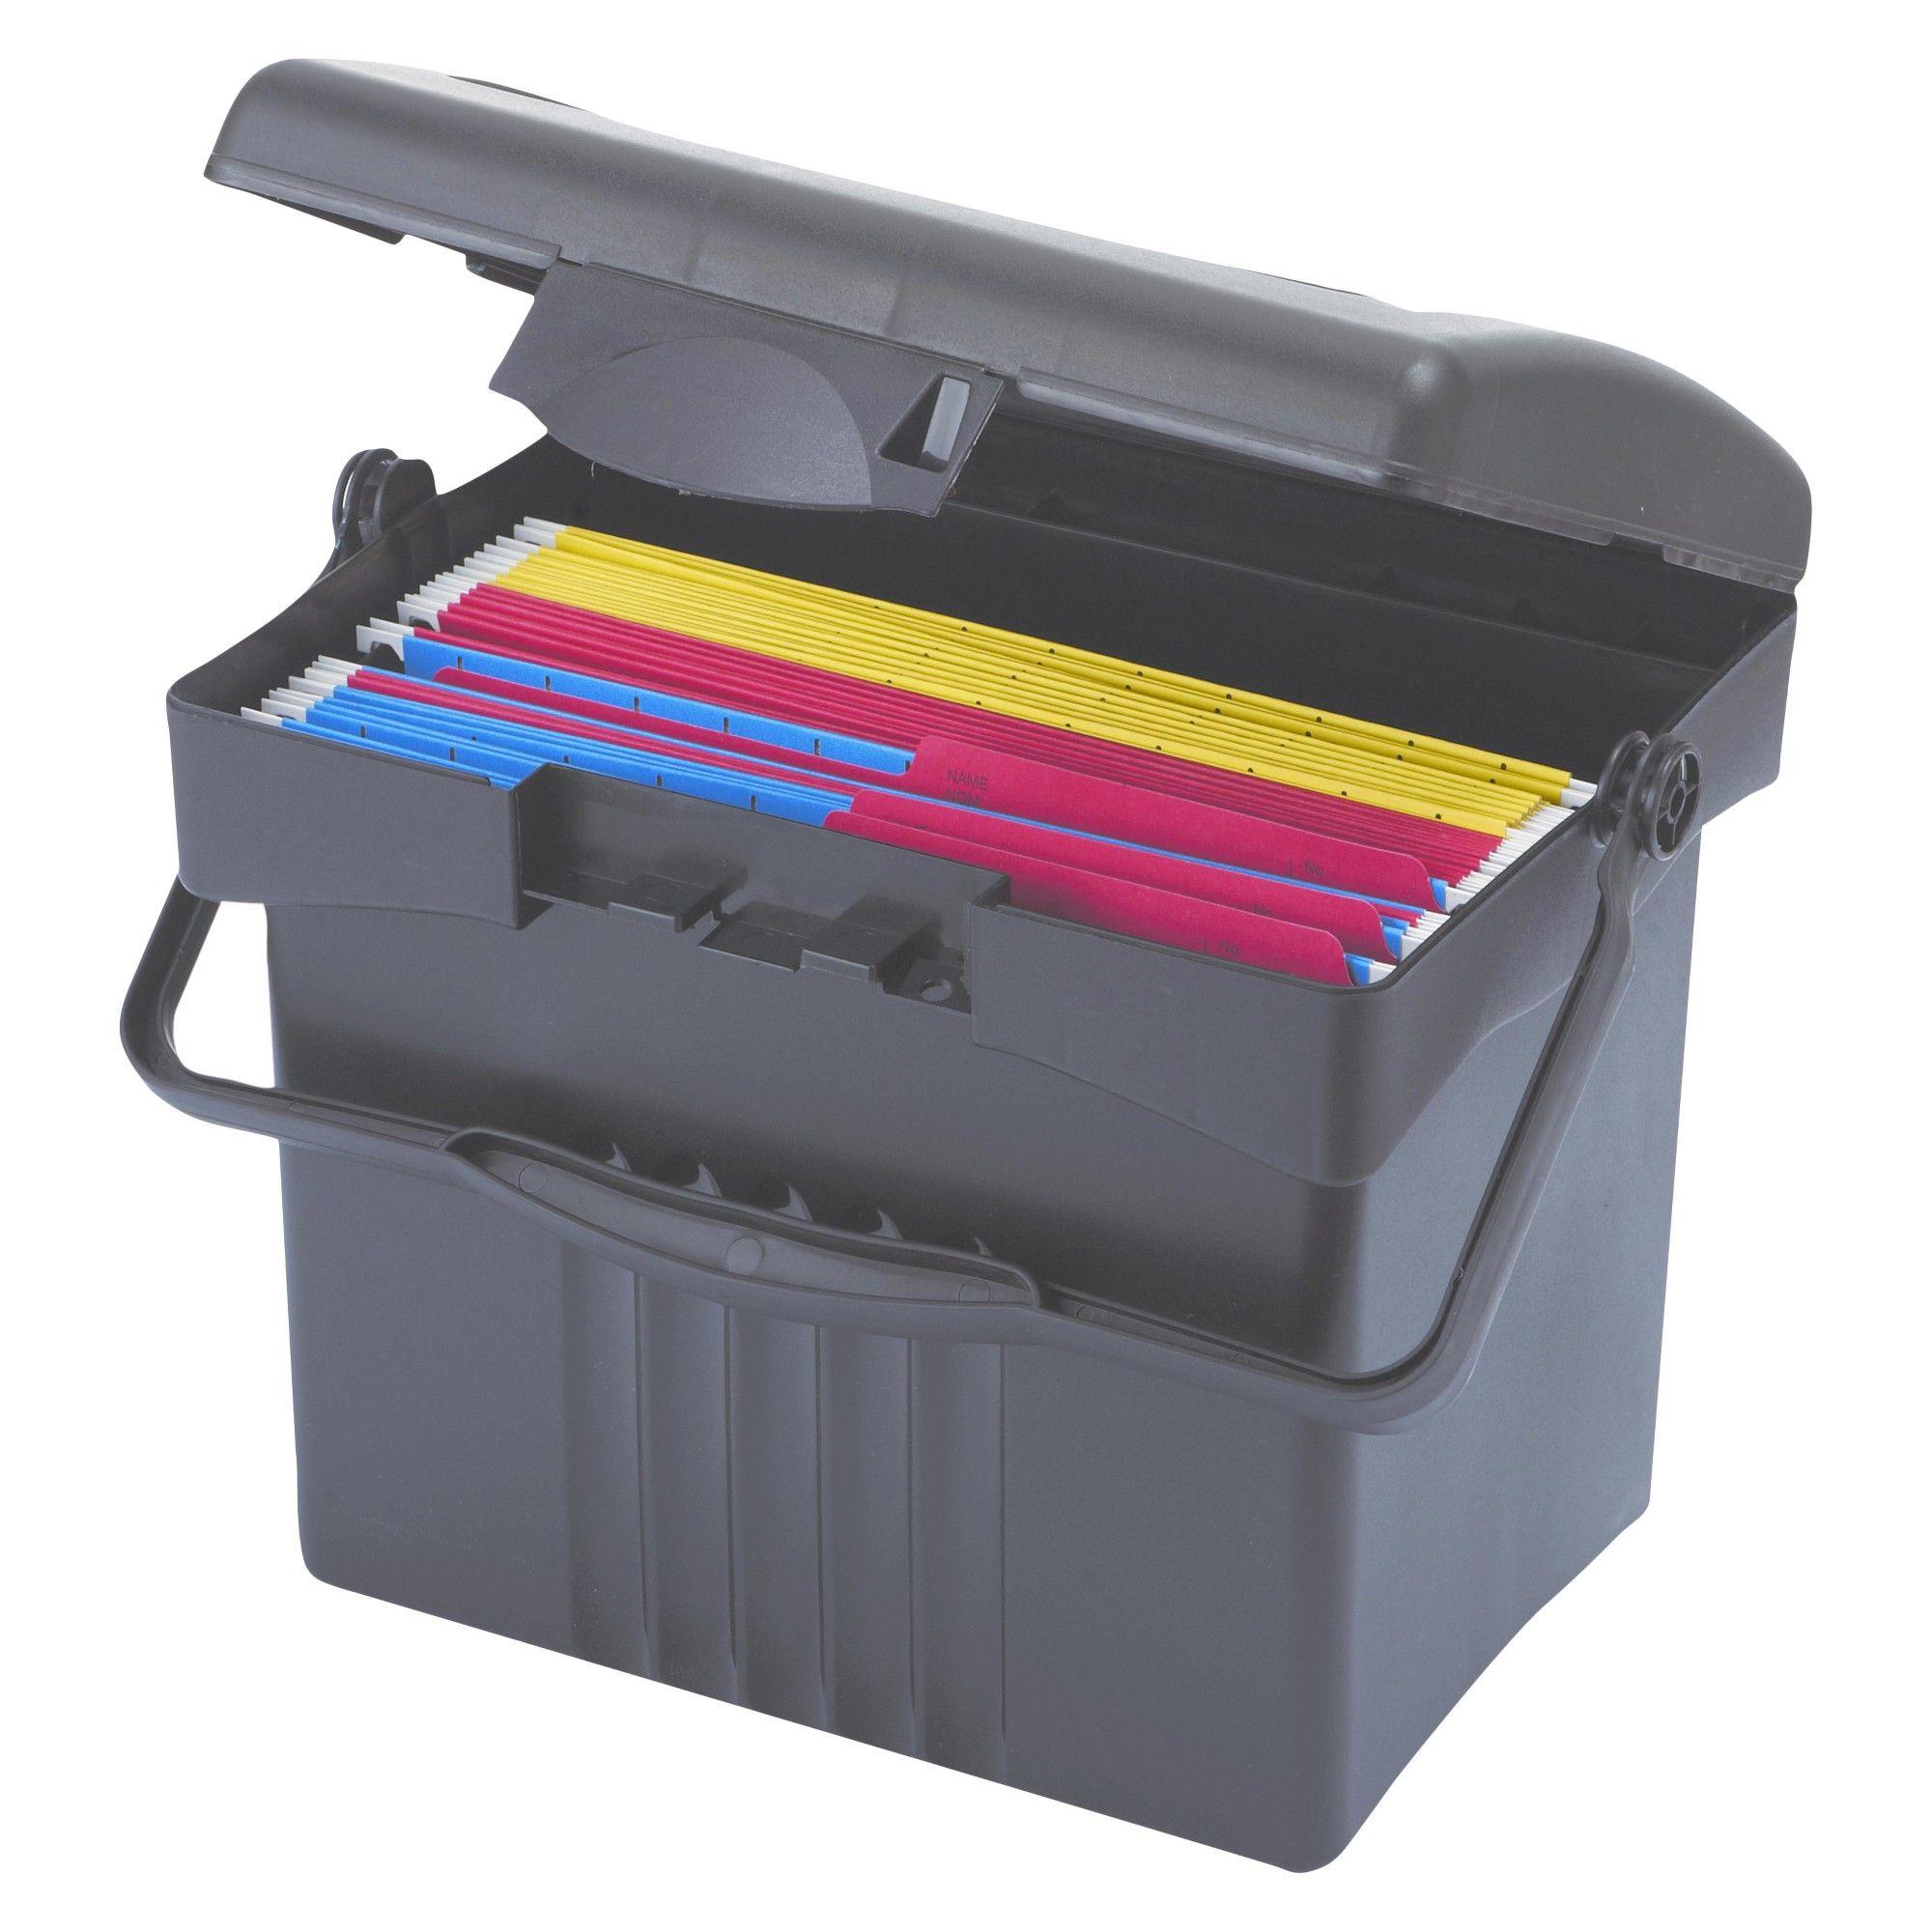 Storex Portable Storage Box, Letter Size, 14W X 11 14D X